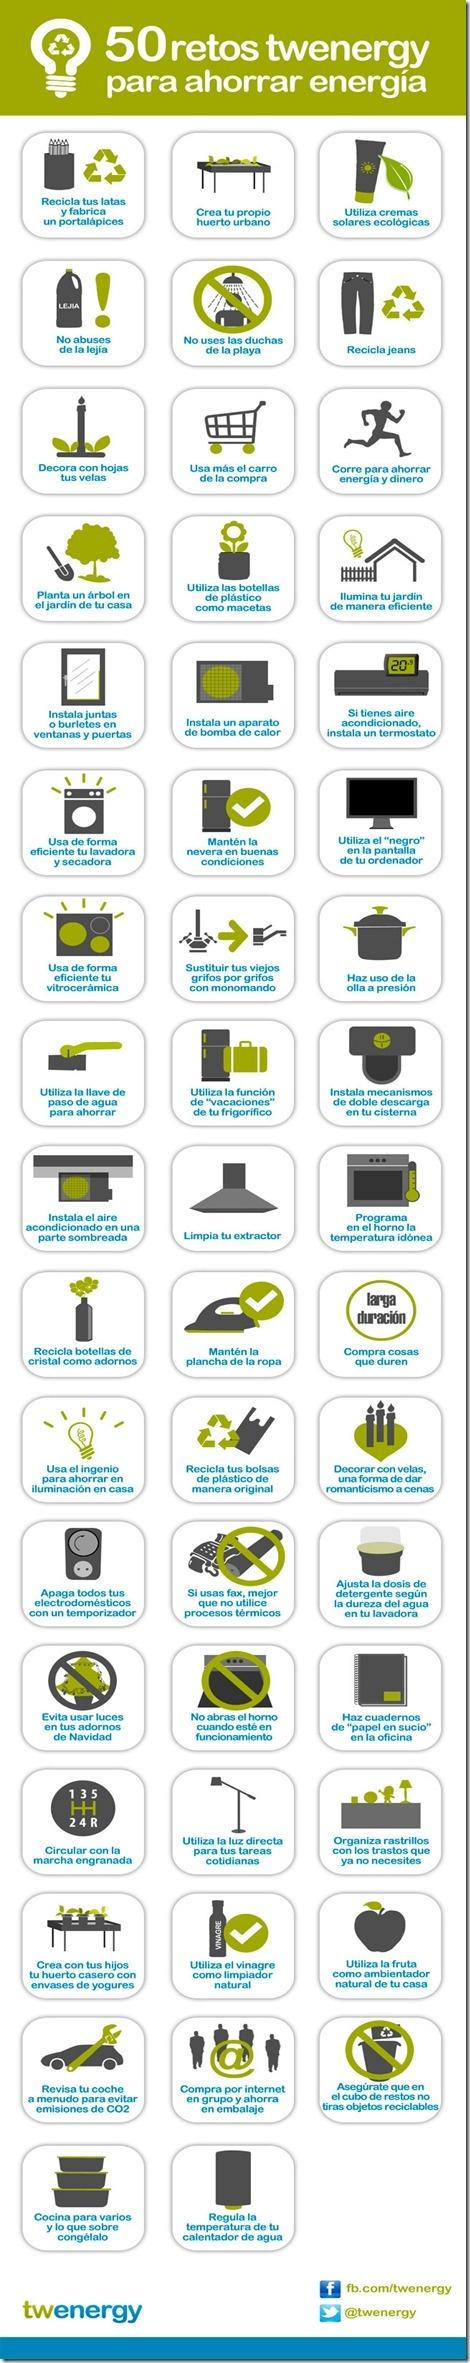 50 retos para ahorrar energía, infografía